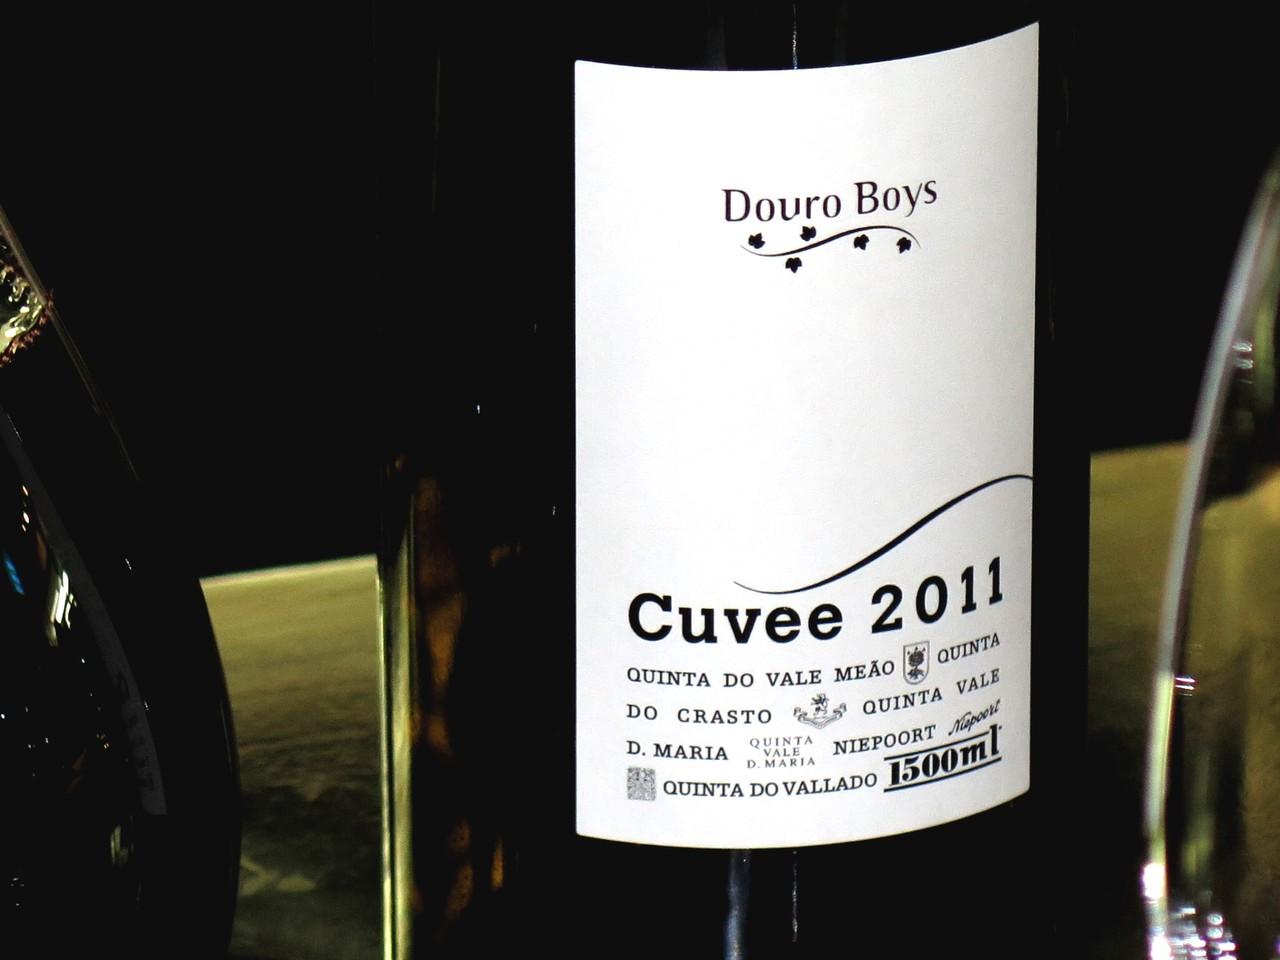 Douro Boys Cuvée tinto 2011 Magnum